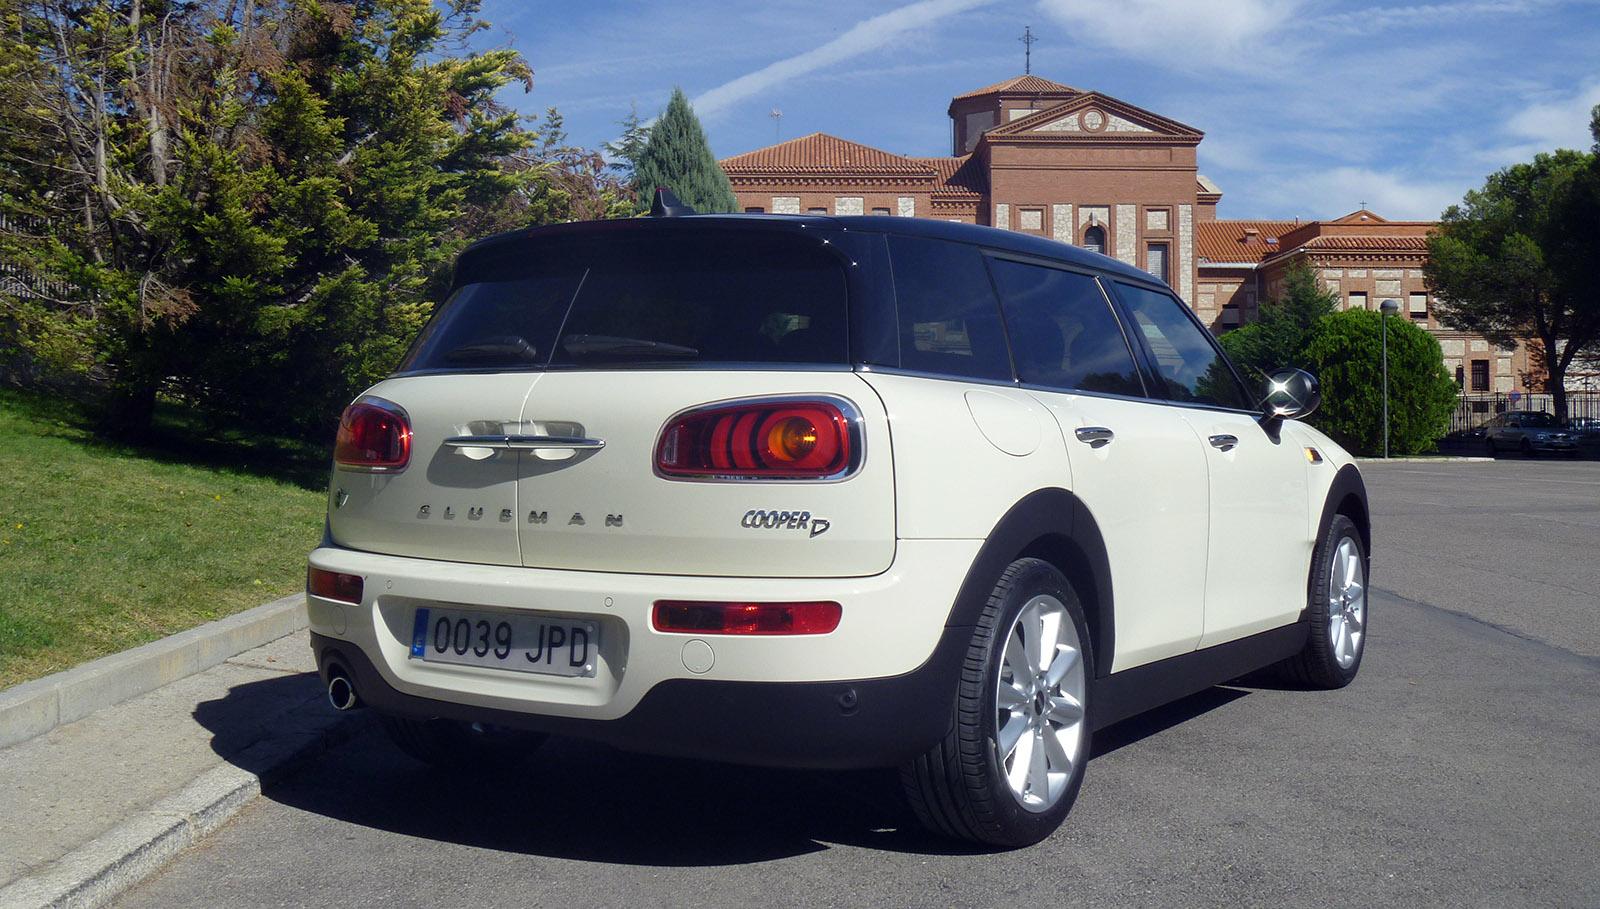 El Mini Cooper D Clubman automático monta un motor diésel de 2 litros (150 CV) acoplado a una caja de cambios automática de 8 relaciones. Su velocidad máxima es de 212 km/h.